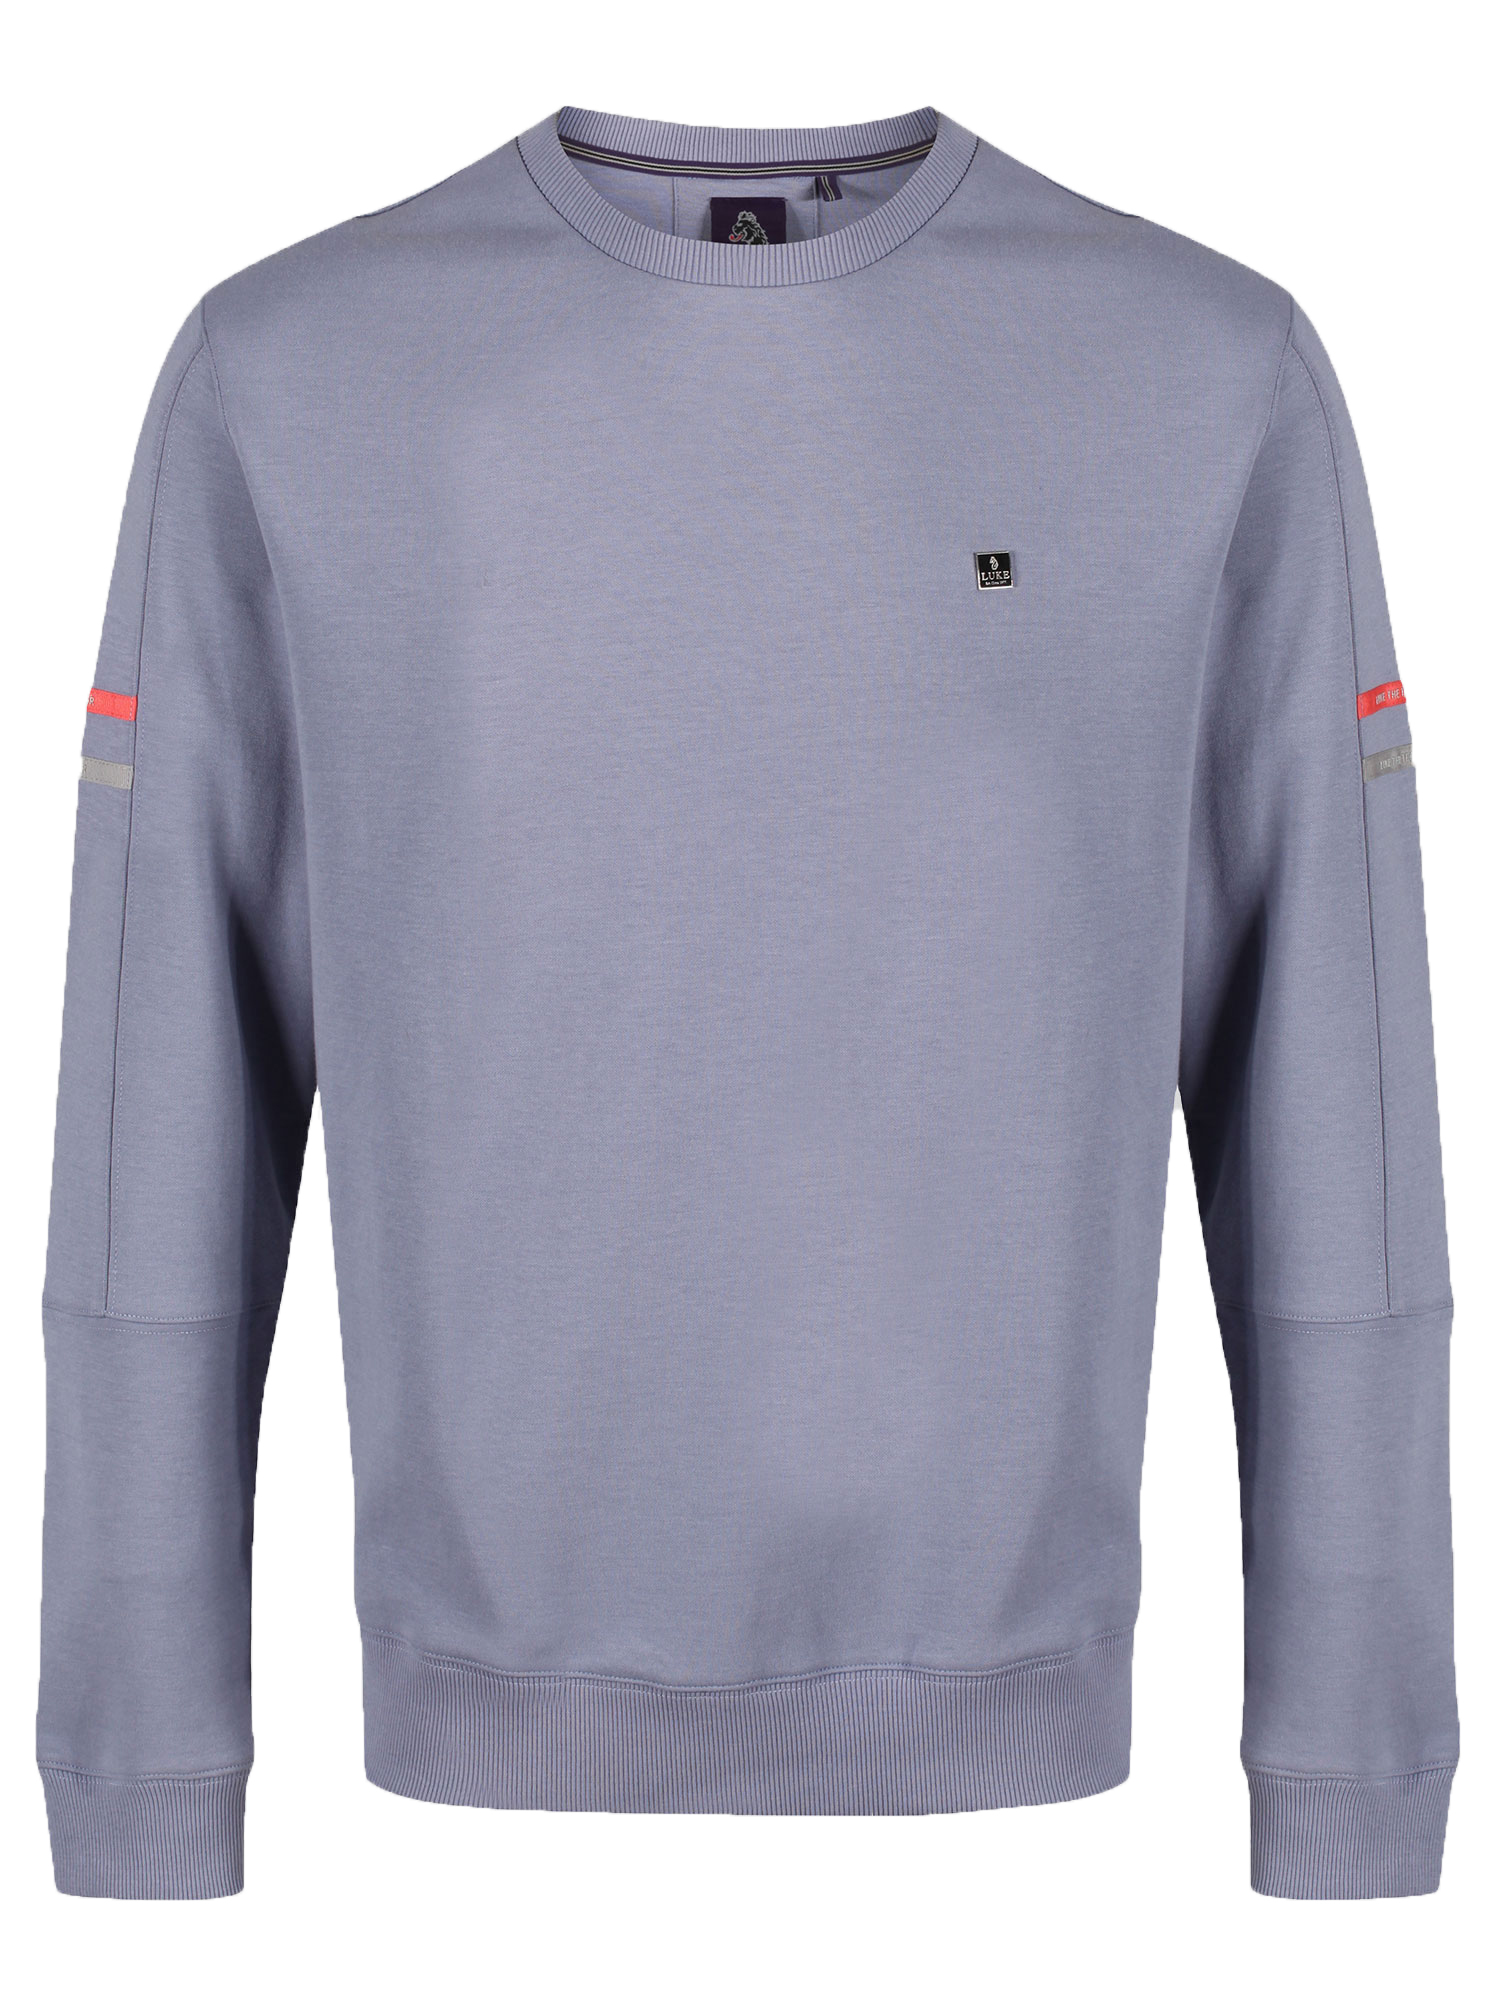 LUKE 1977 Tts Detail Sweatshirt